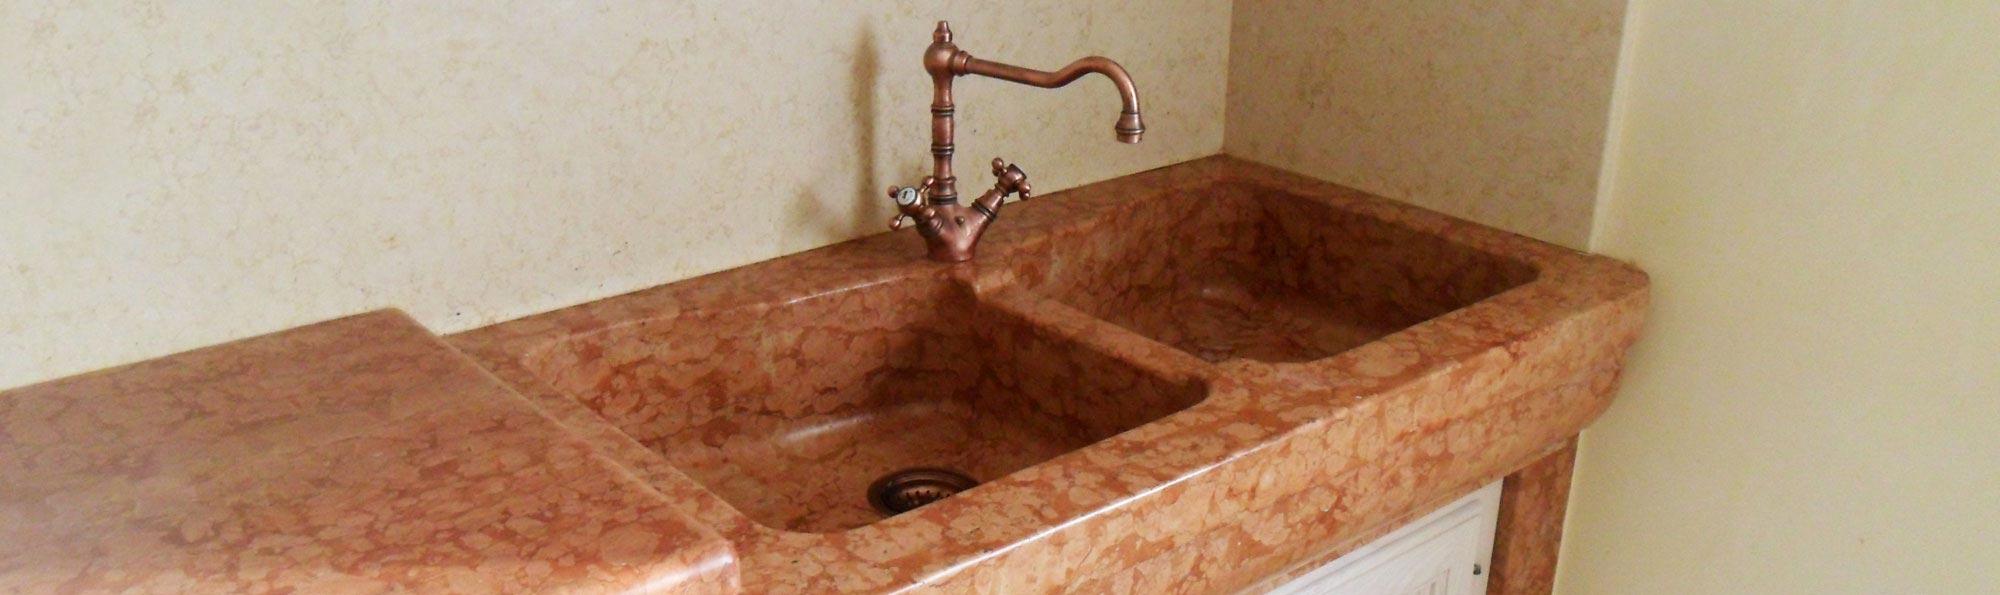 Lavorazioni del marmo pavimenti palladiana lavabi in - Lavello cucina in pietra ...